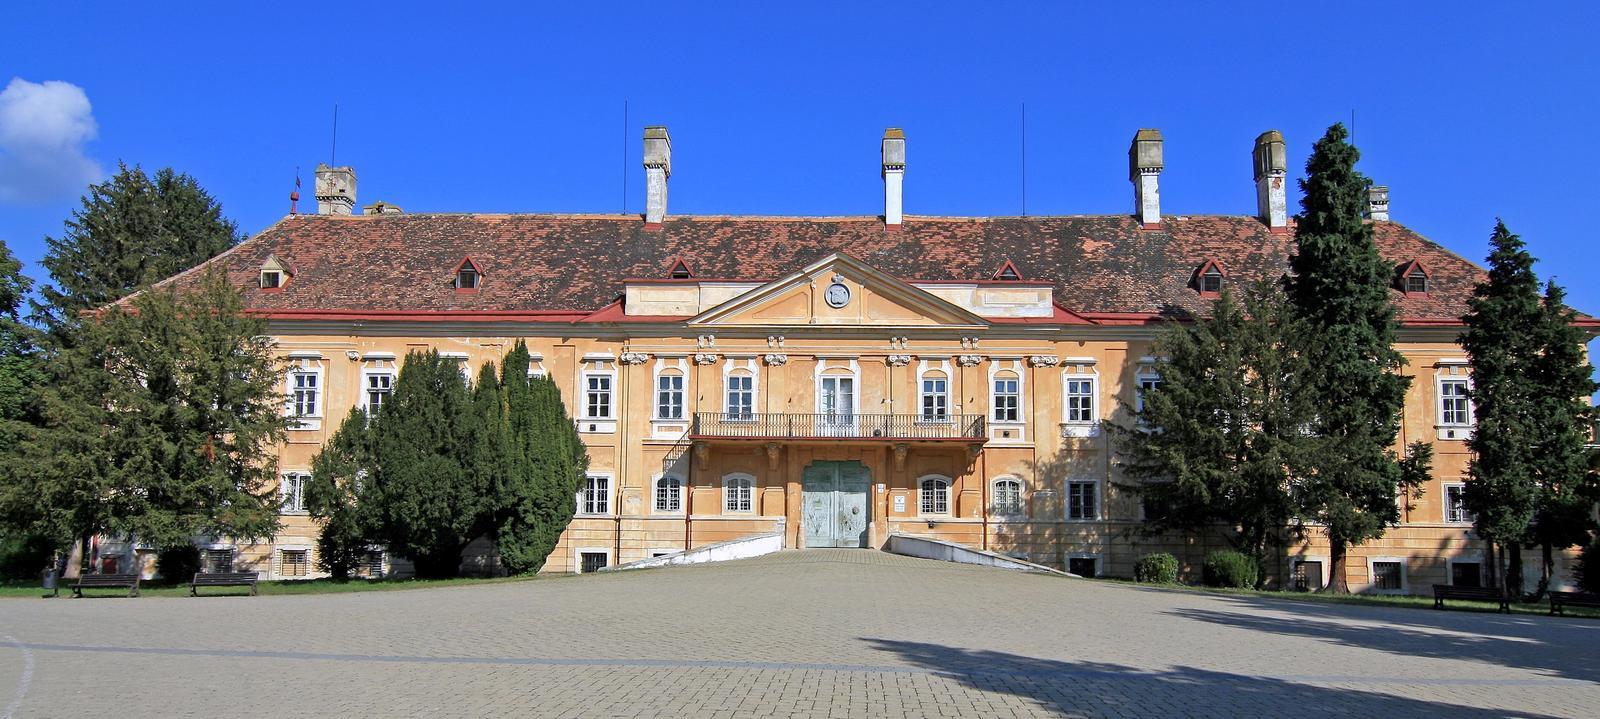 Krásne miesta Slovenska vhodné na svadobné fotenie - Malacky